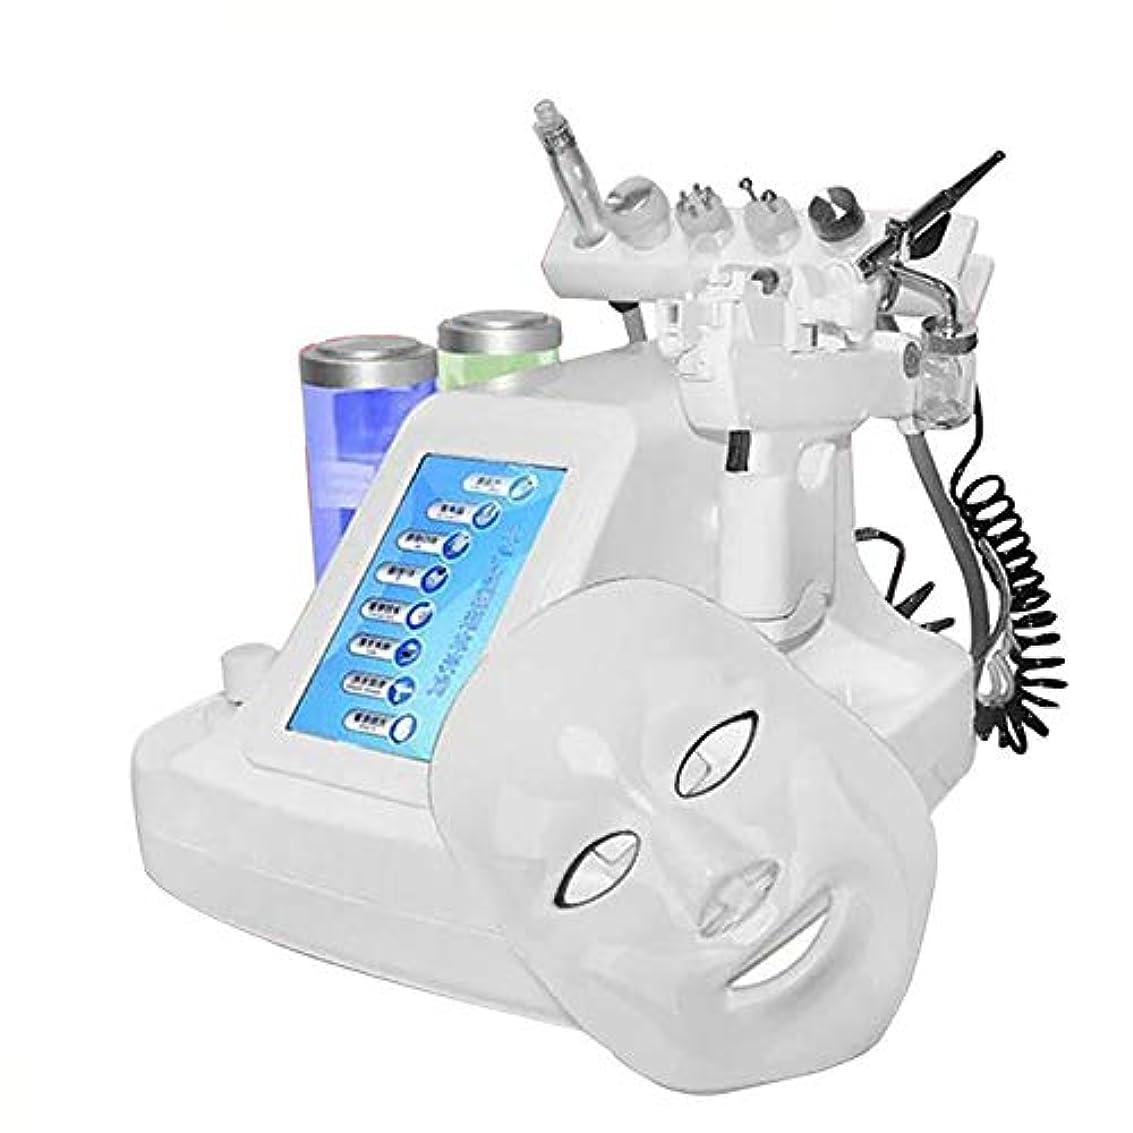 上向きクライアント充実1台の水の酸素マシン、水ハイドロ皮膚剥離?フェイシャルスプレー保湿若返りスキン機で8